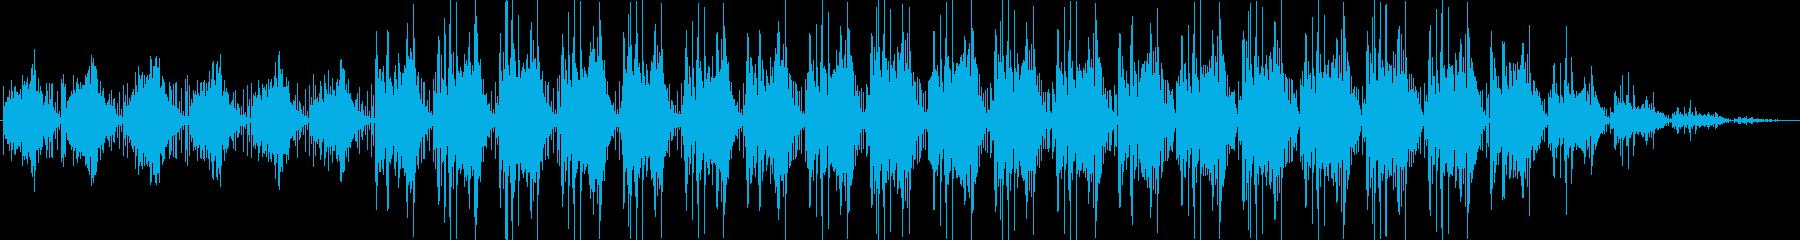 スタイリッシュなインダストリアル音楽の再生済みの波形